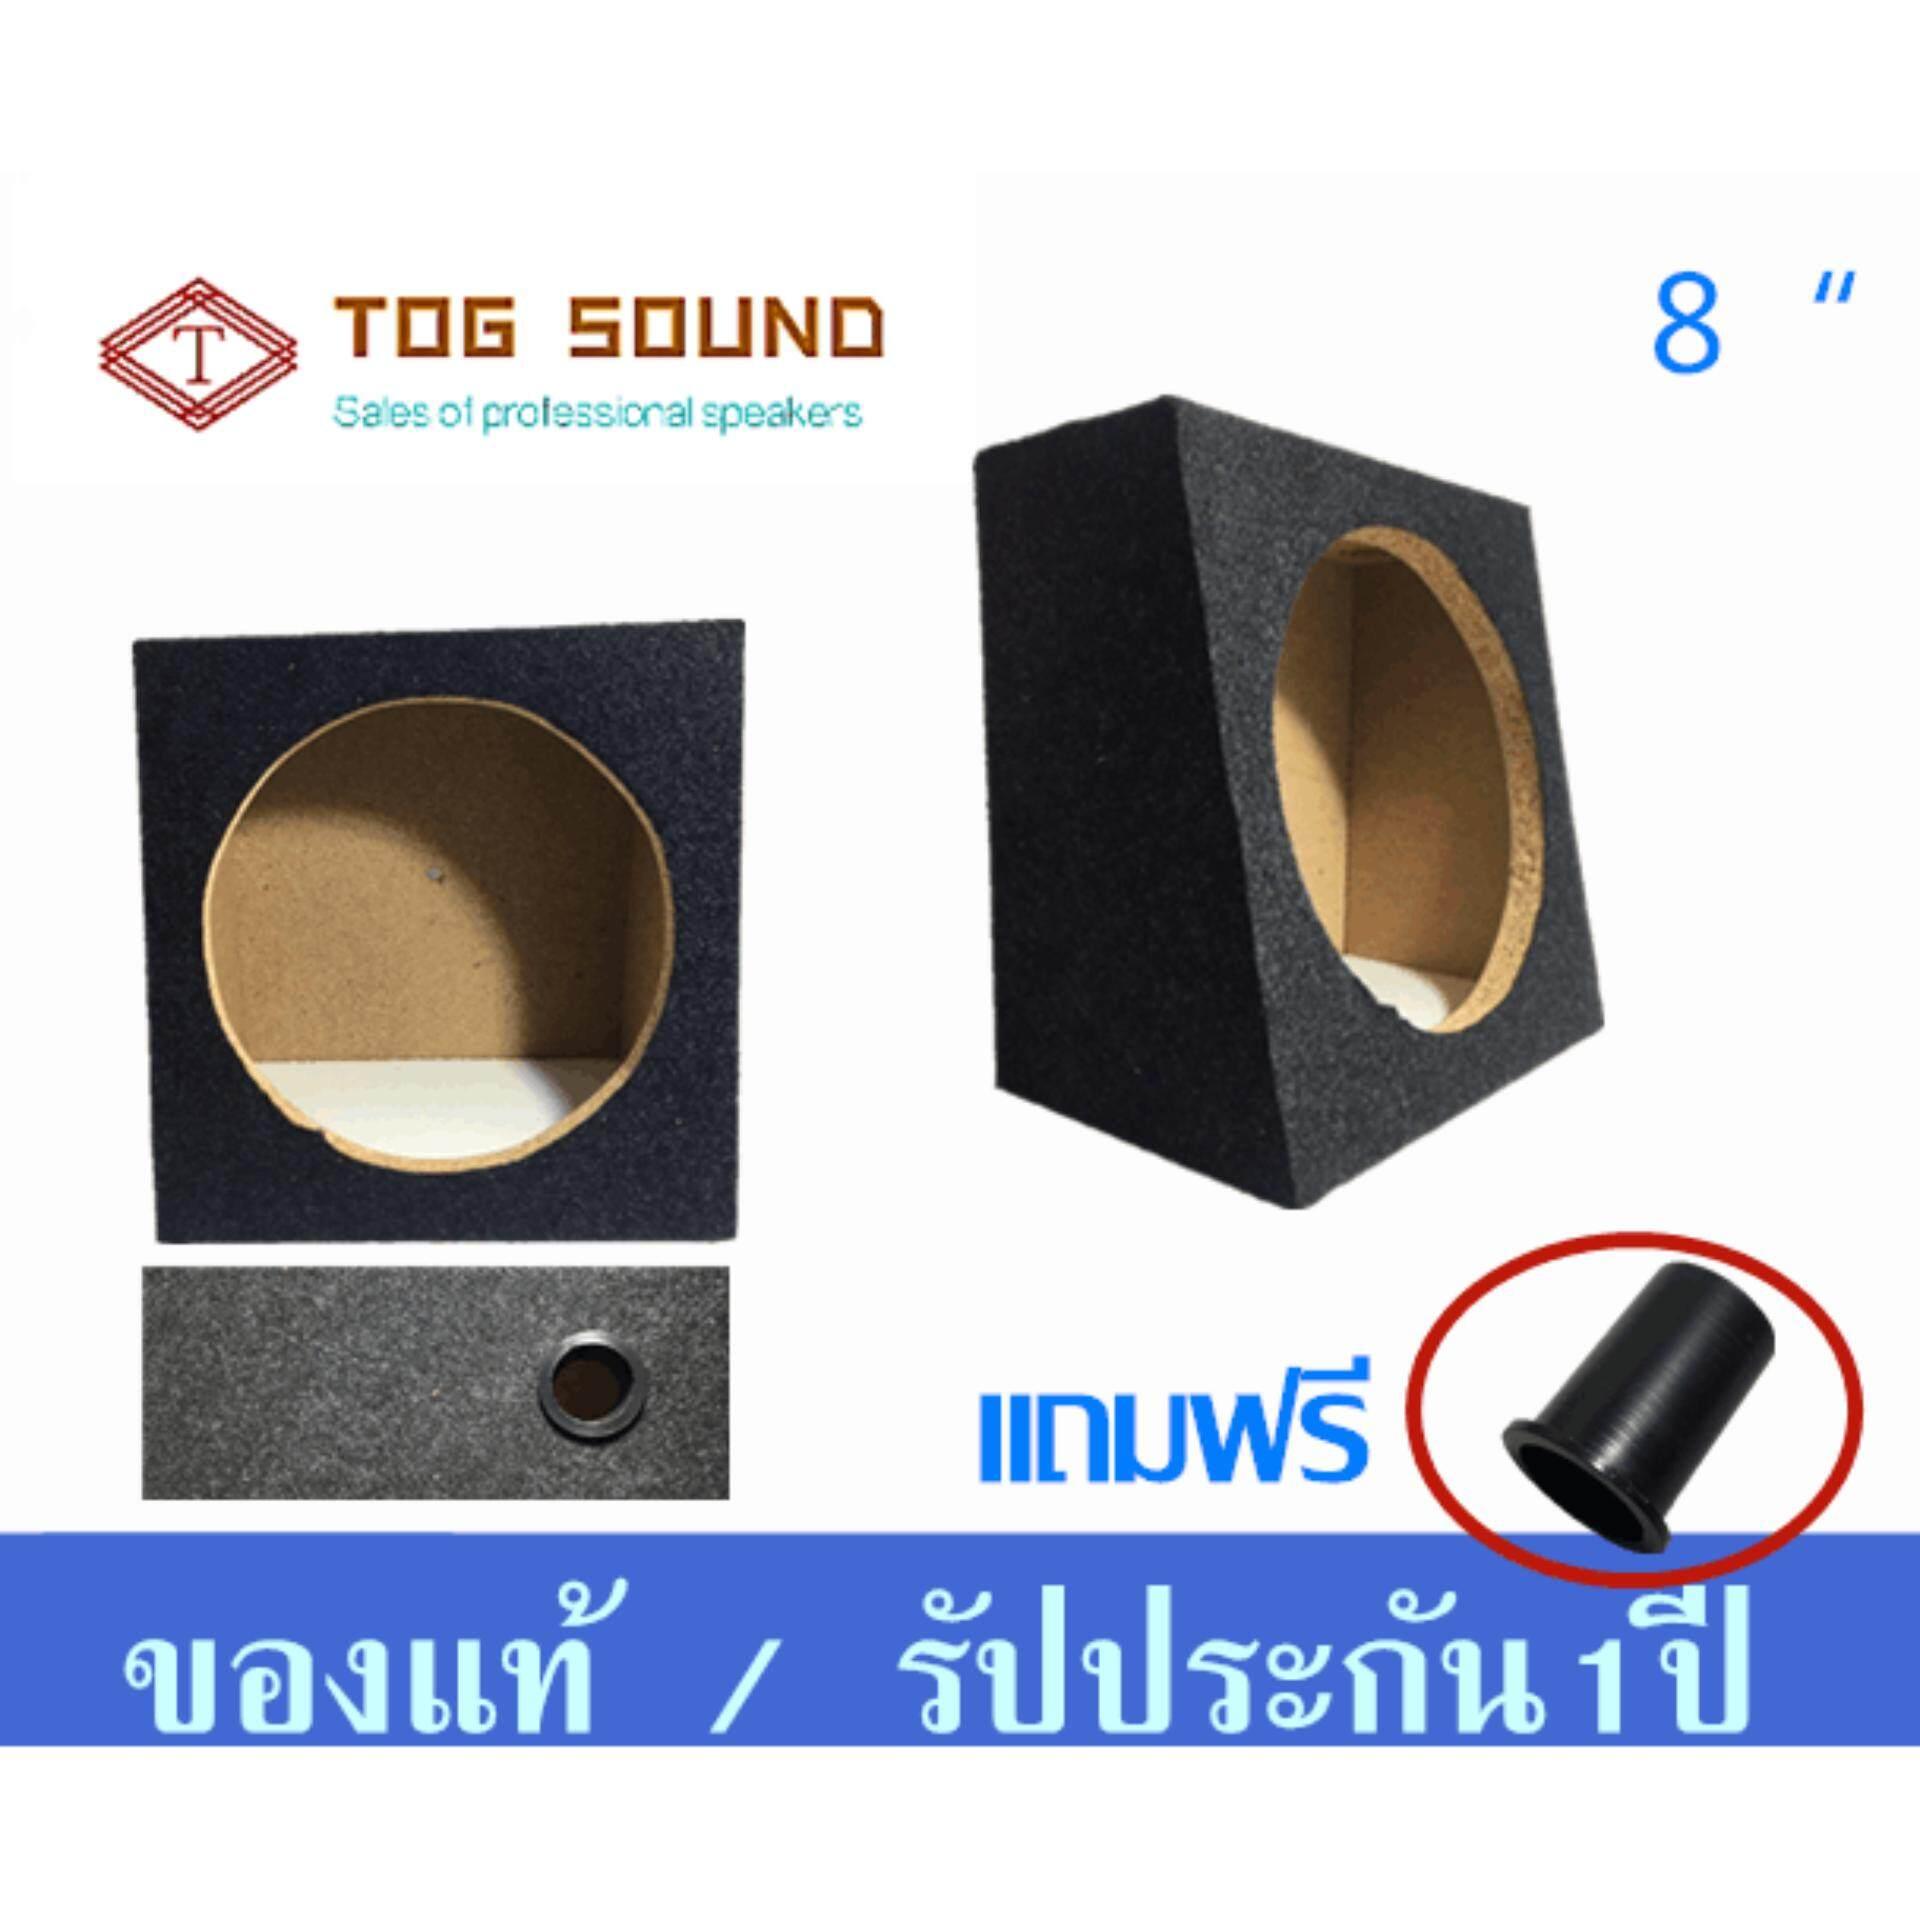 ตู้ลำโพง 8 นิ้ว หุ้มกำมะหยี่ By Tog Sound.